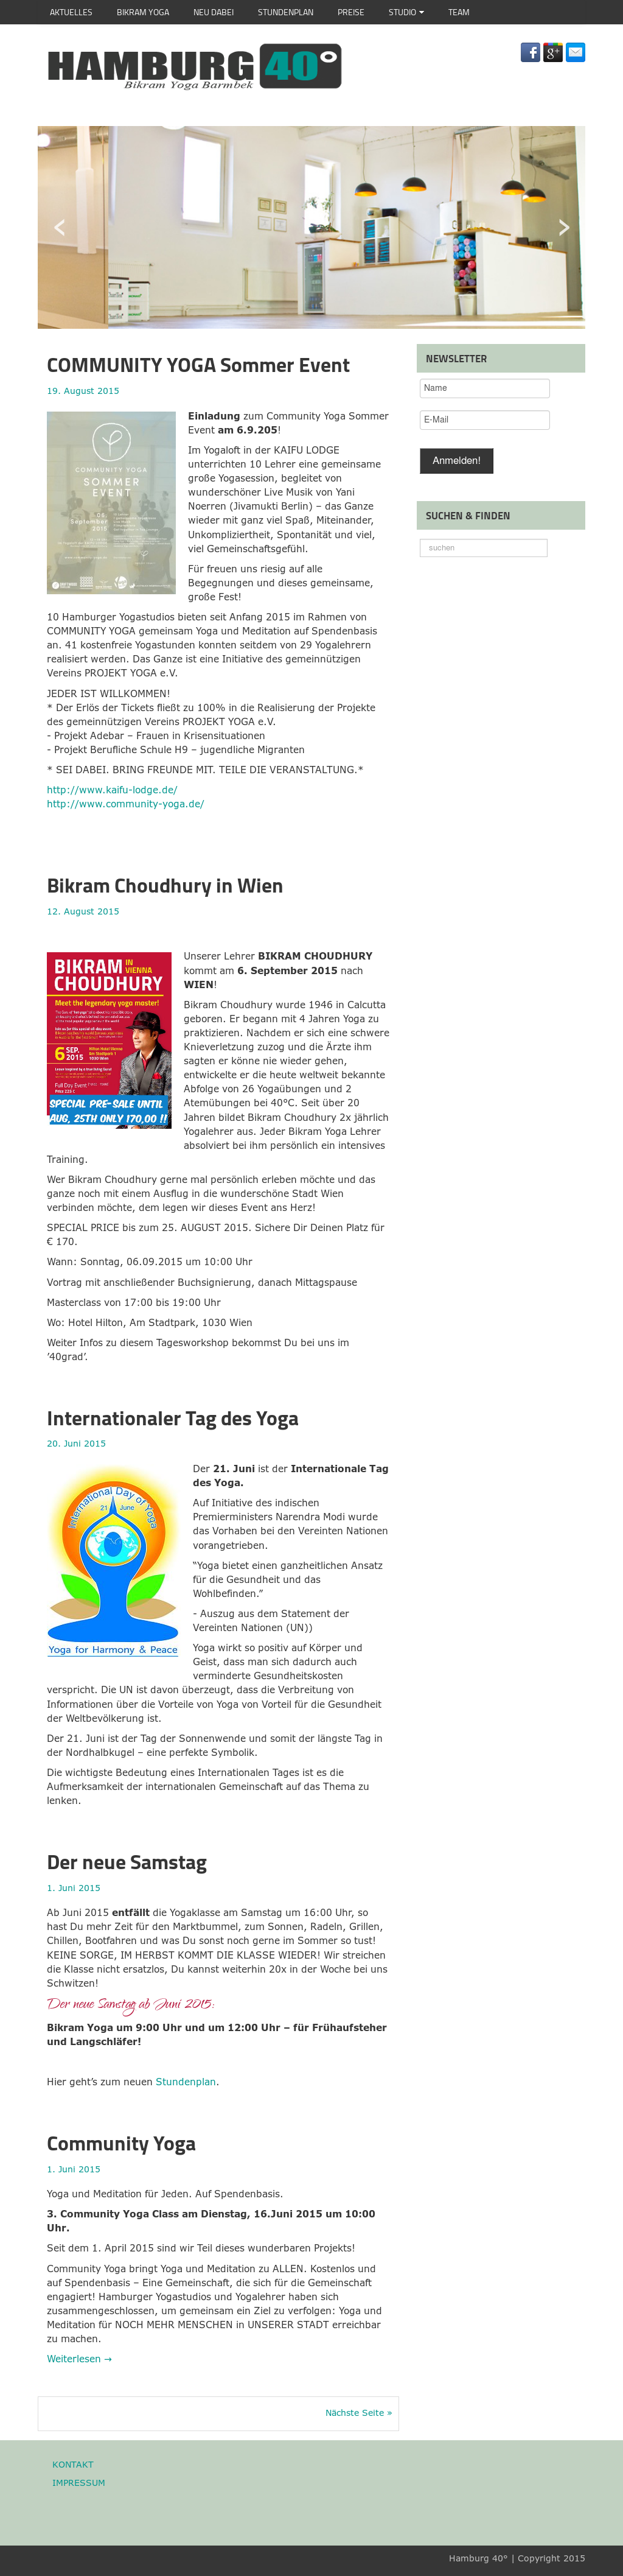 Erfreut 16 Von 20 Rahmen Ideen - Rahmen Ideen - markjohnsonshow.info